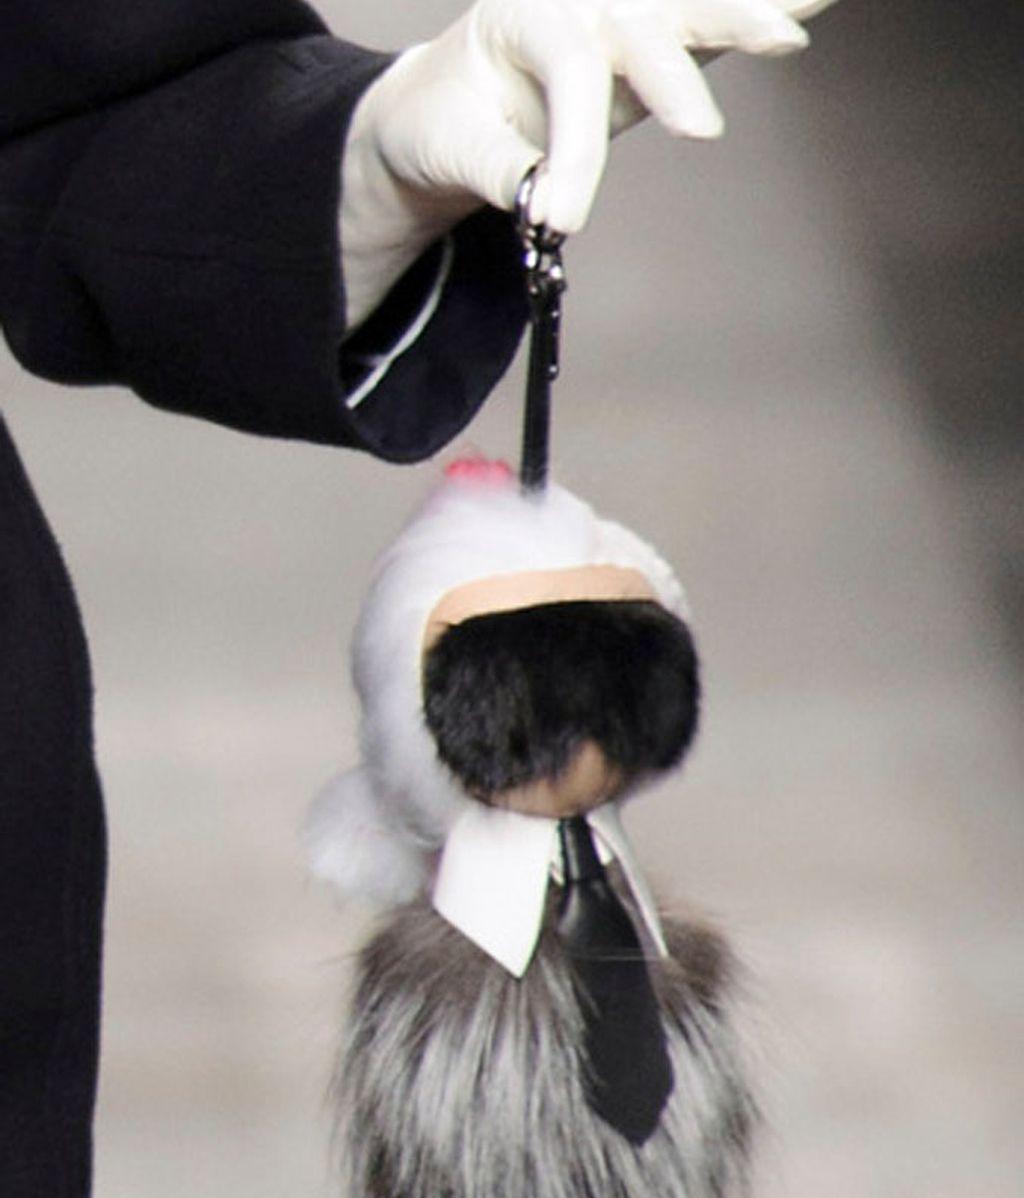 Karlito, un 'charm' de Fendi para el bolso, convertido en 'hit' del invierno